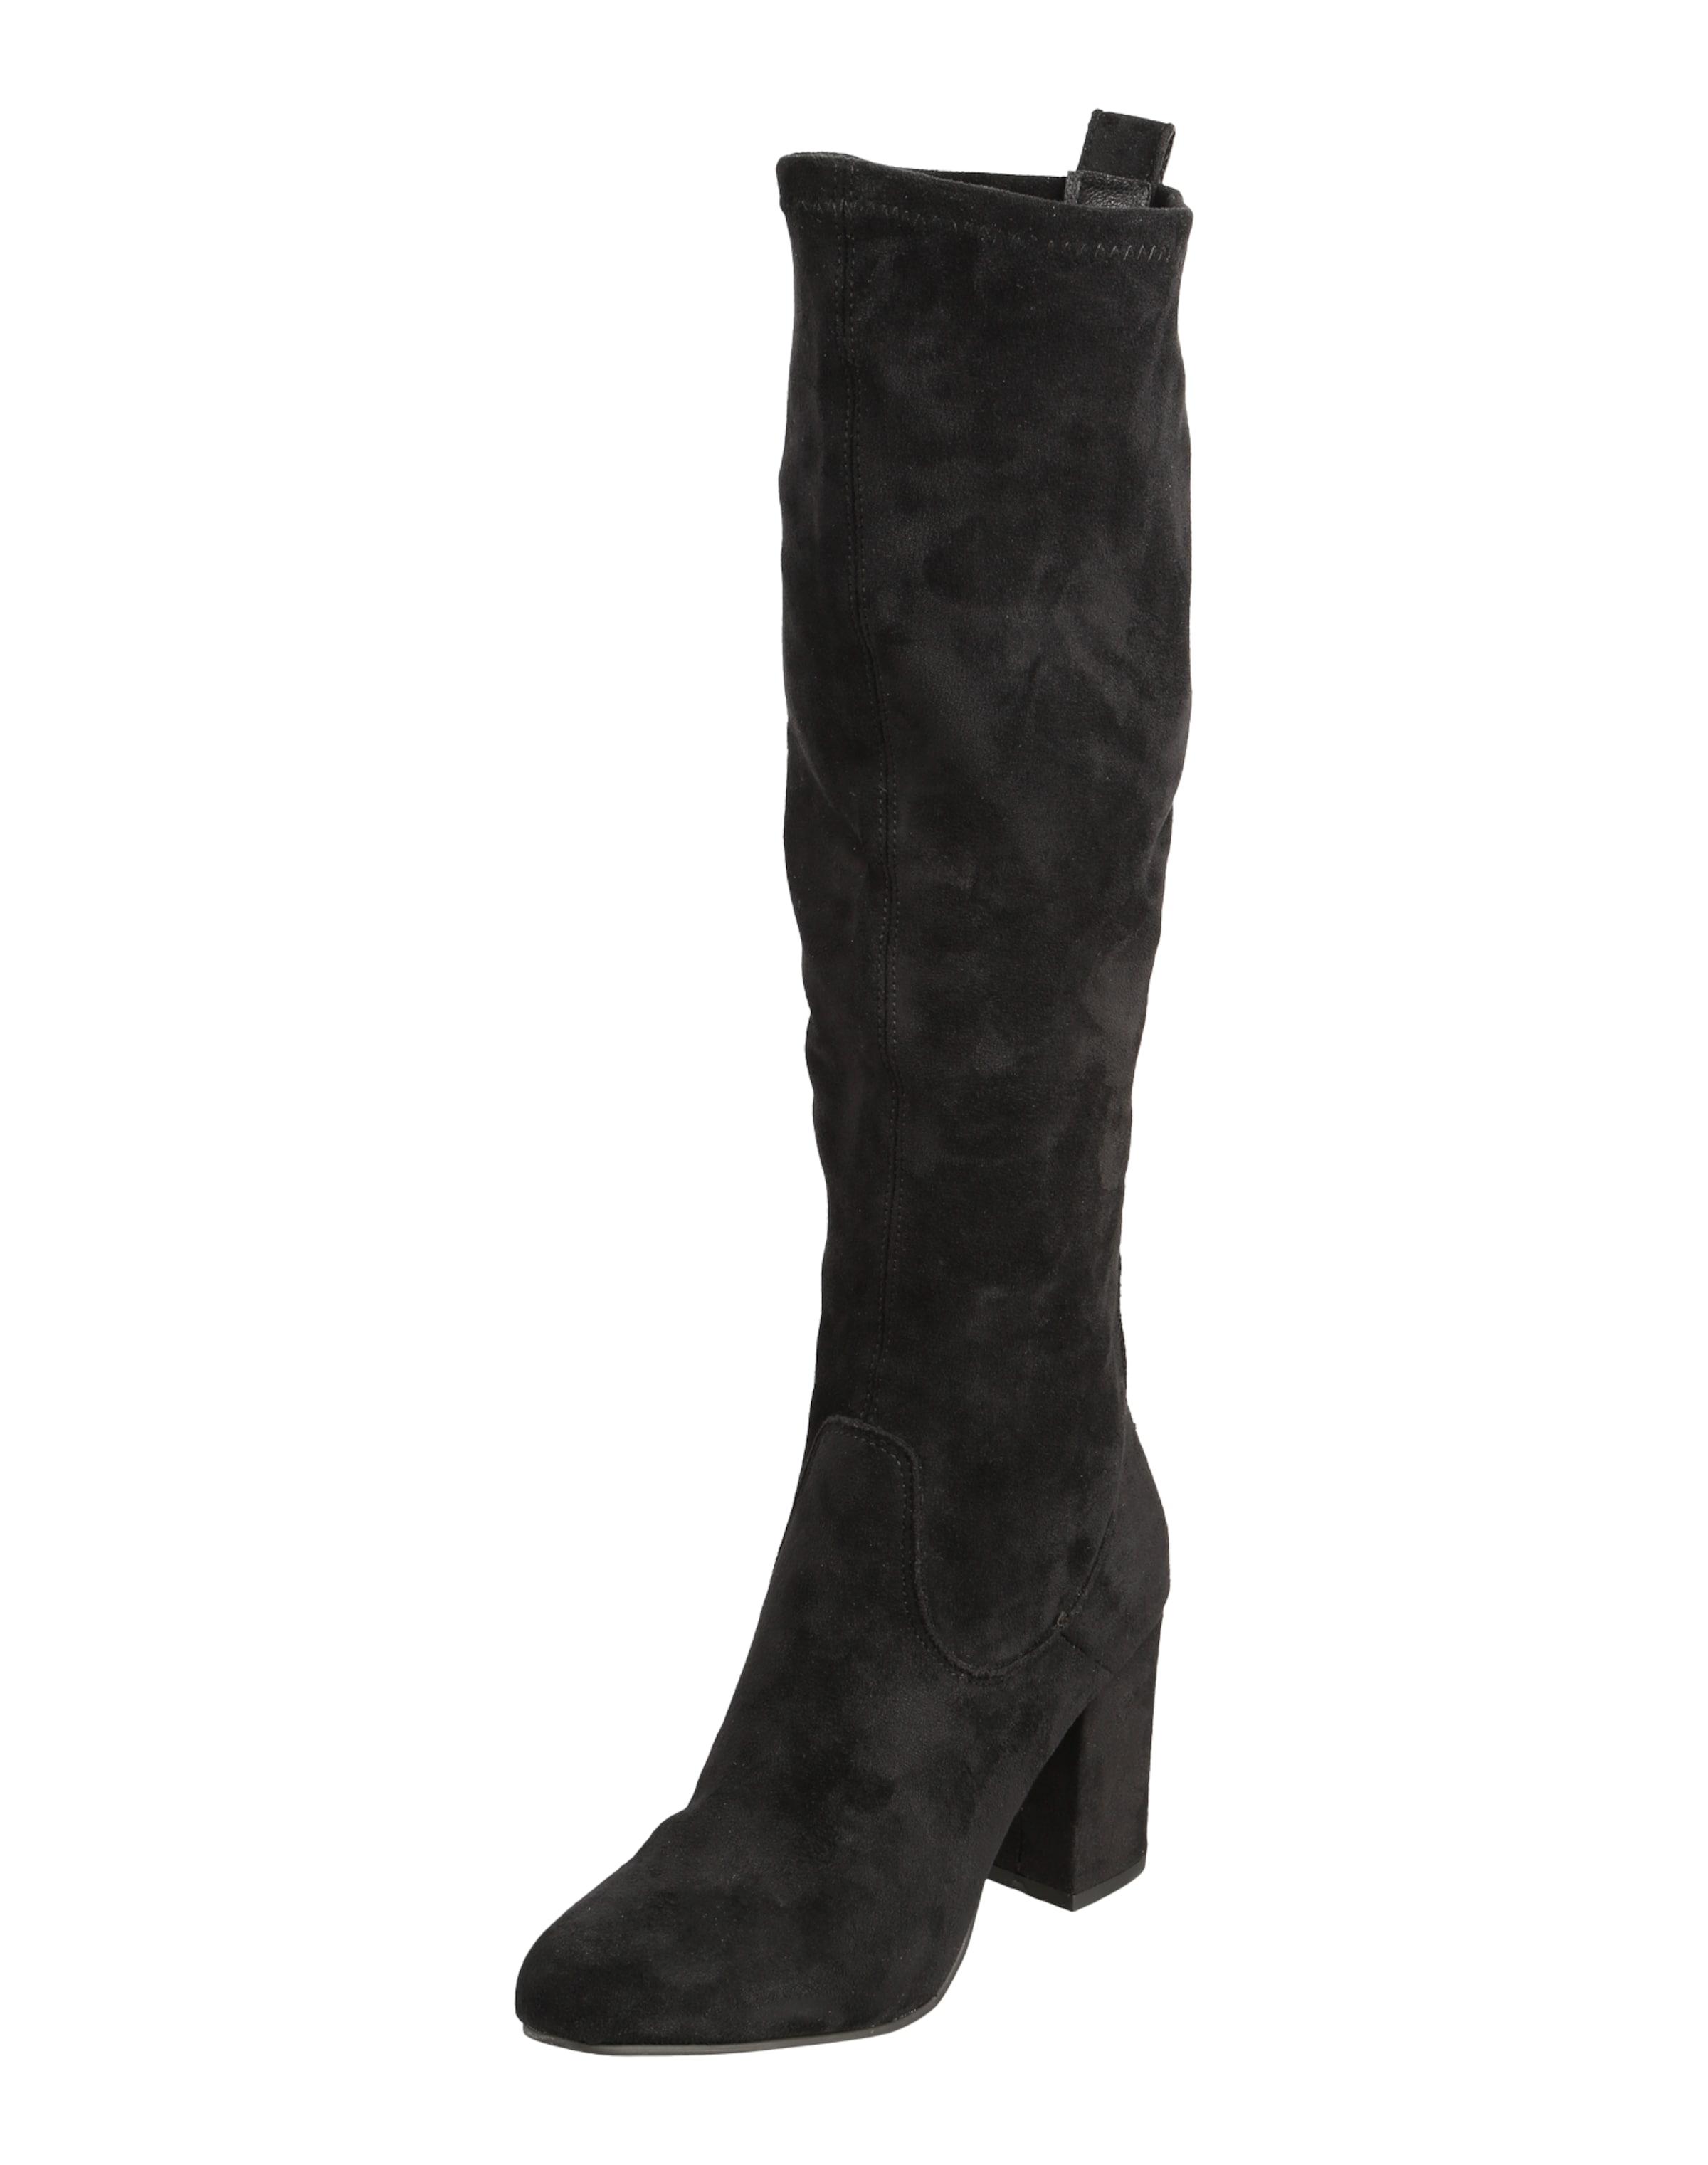 e81597078e4e8a Crocs Clog Verschleißfeste billige Schuhe Hohe Qualität dae4a6 ...